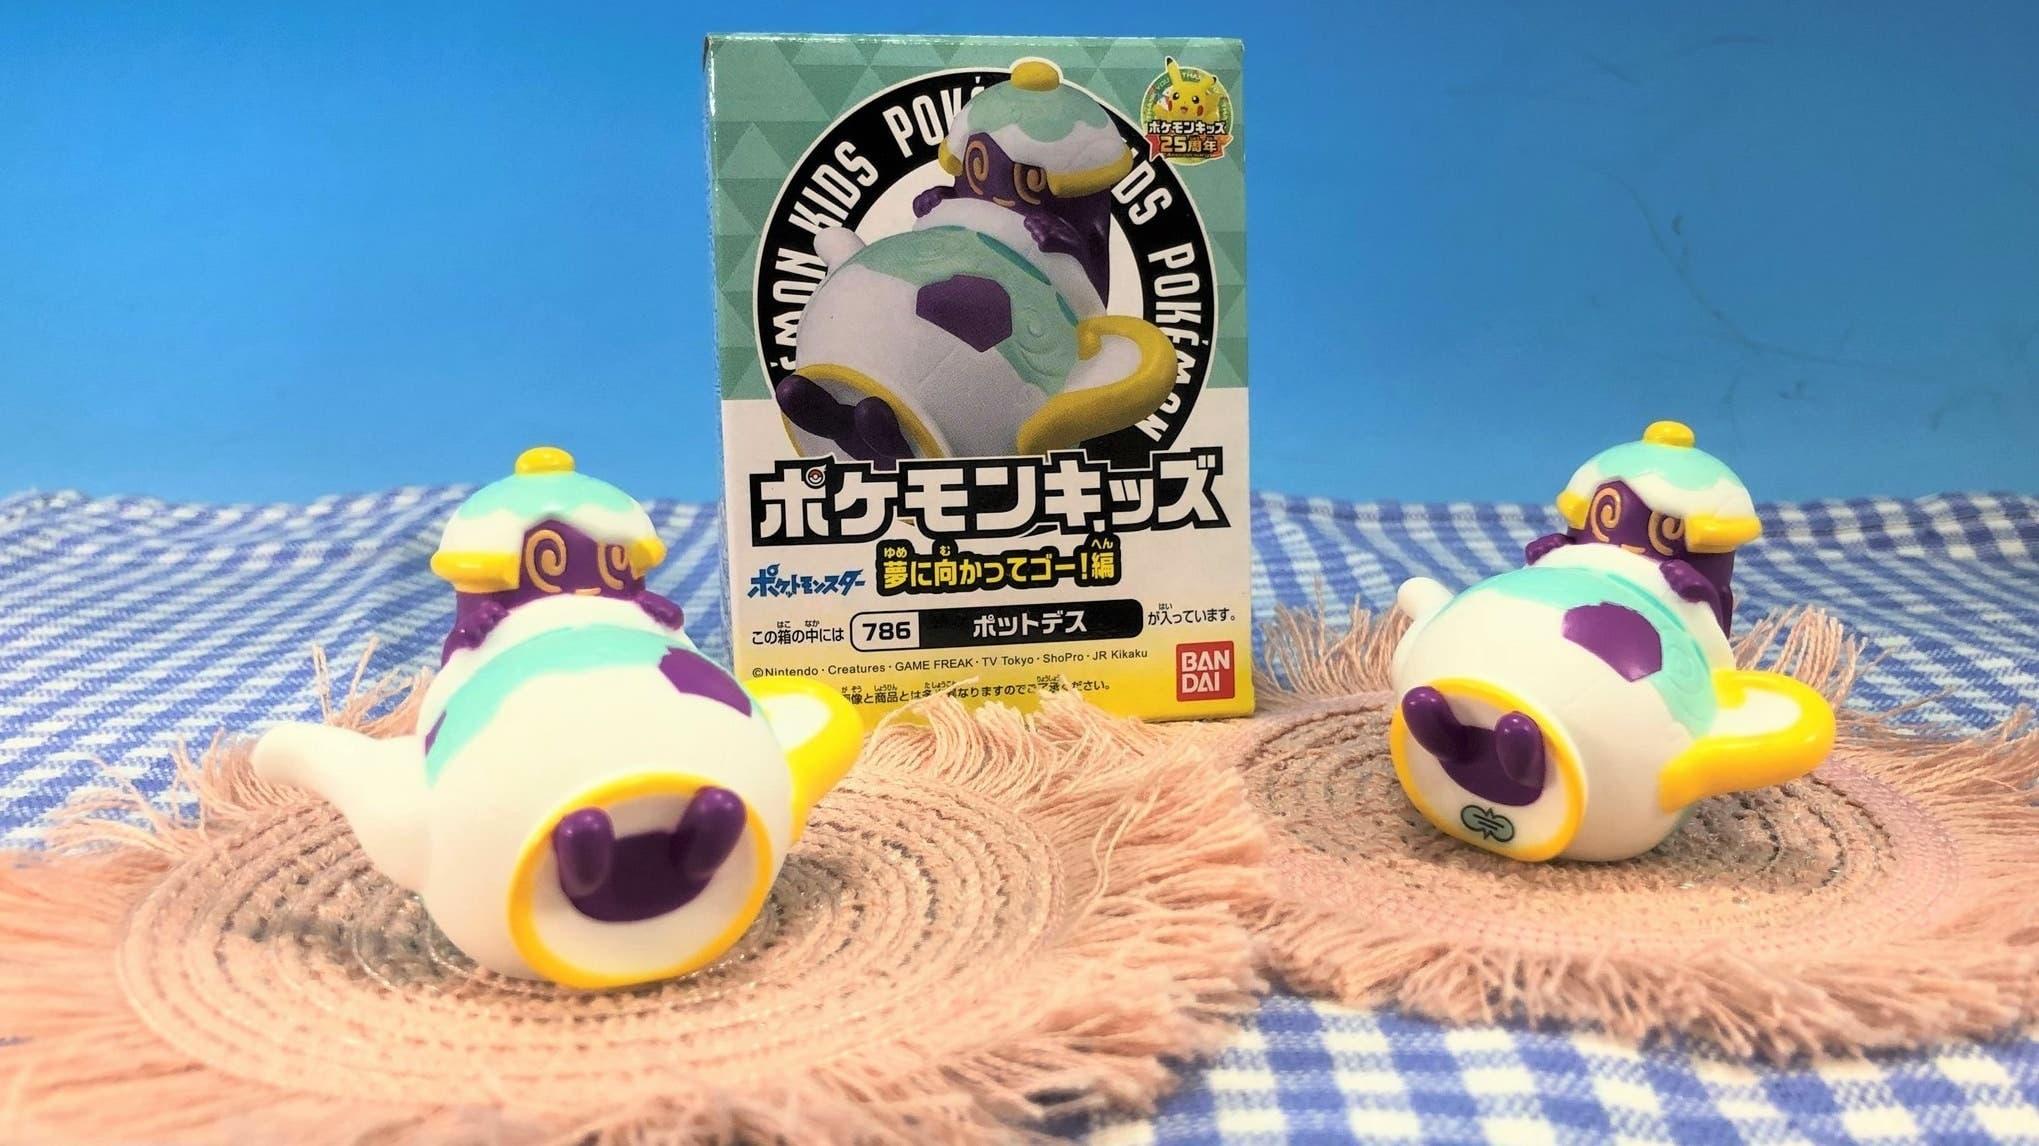 Bandai lanzará una nueva figura de Polteageist perteneciente a su serie Pokémon Kids el 8 de mayo en Japón